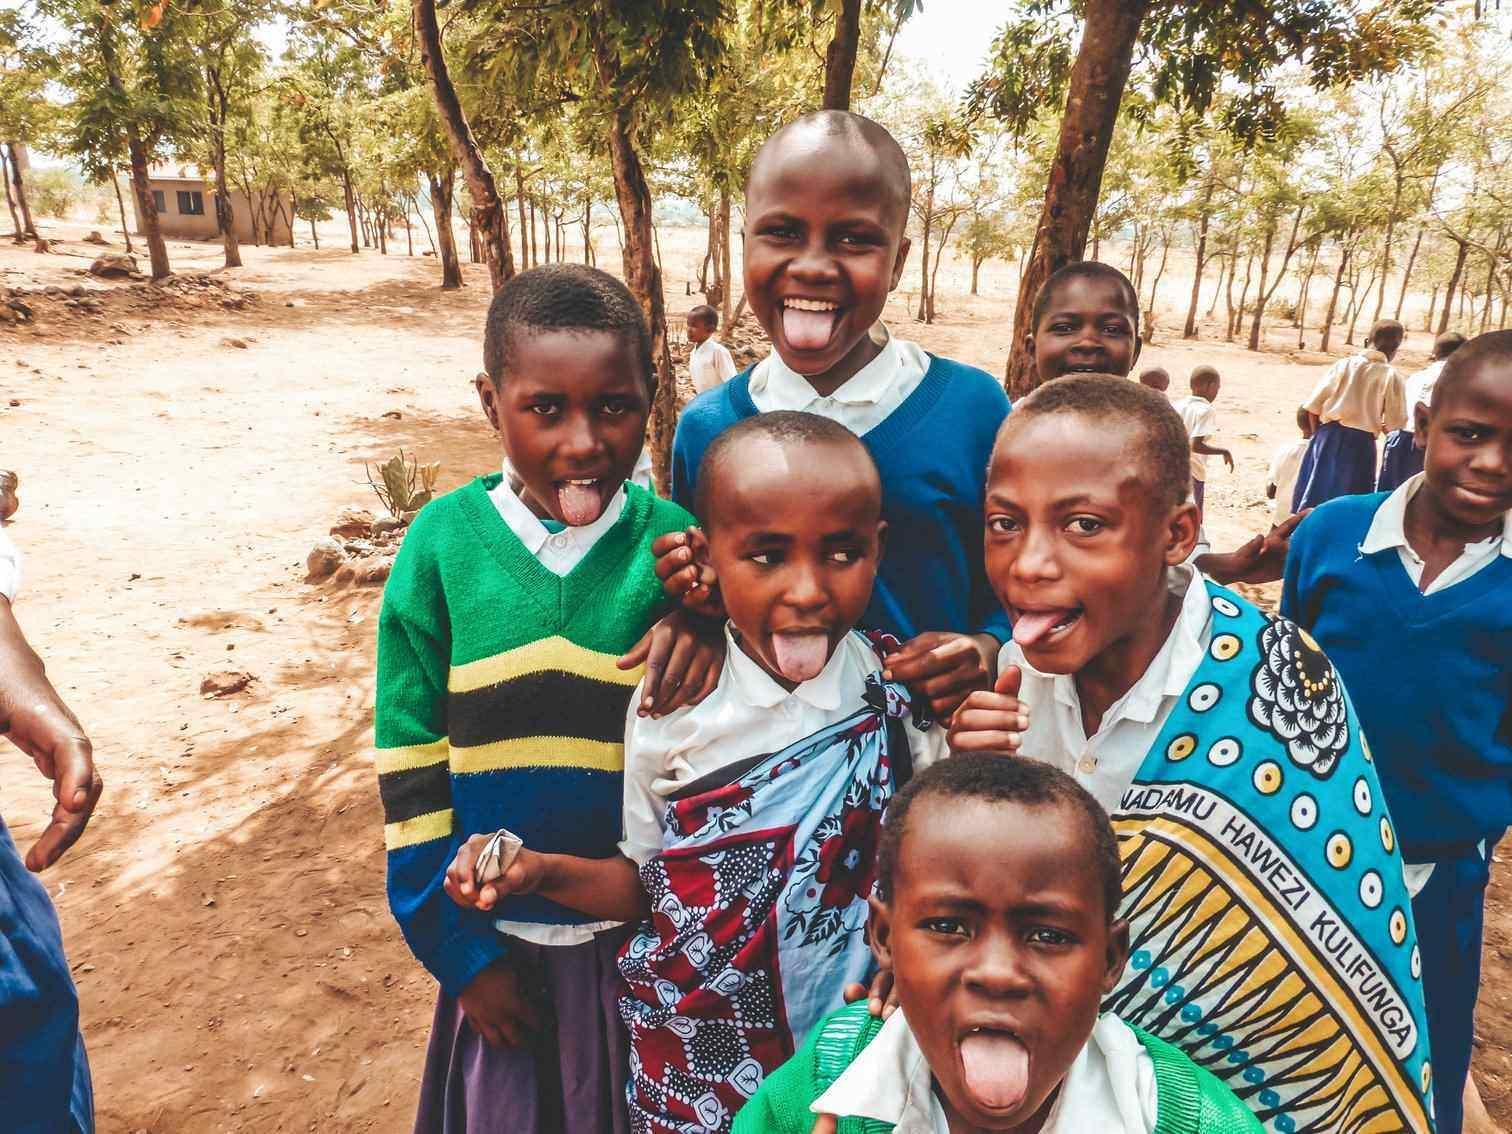 Childreach Project Tanzania